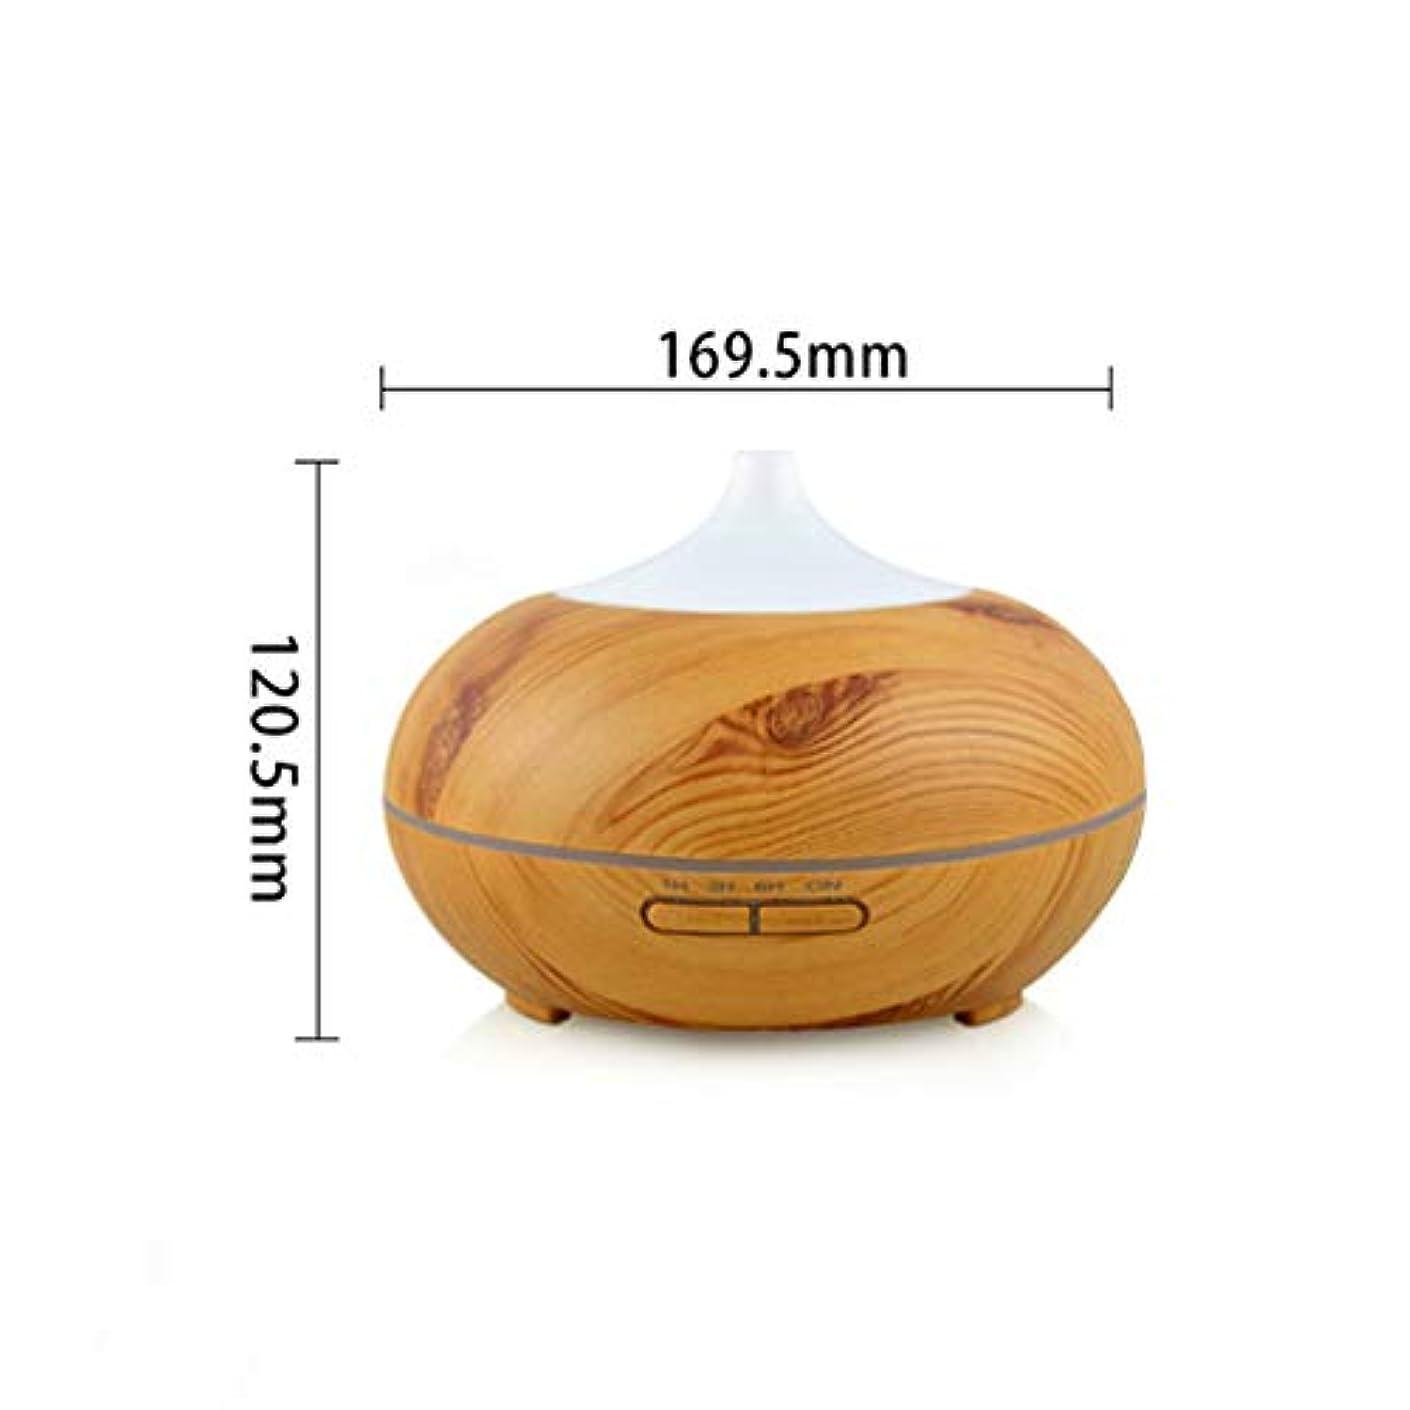 メイド地獄バルク木目 涼しい霧 加湿器,7 色 空気を浄化 加湿機 時間 手動 Wifiアプリコントロール 精油 ディフューザー アロマネブライザー Yoga- 300ml